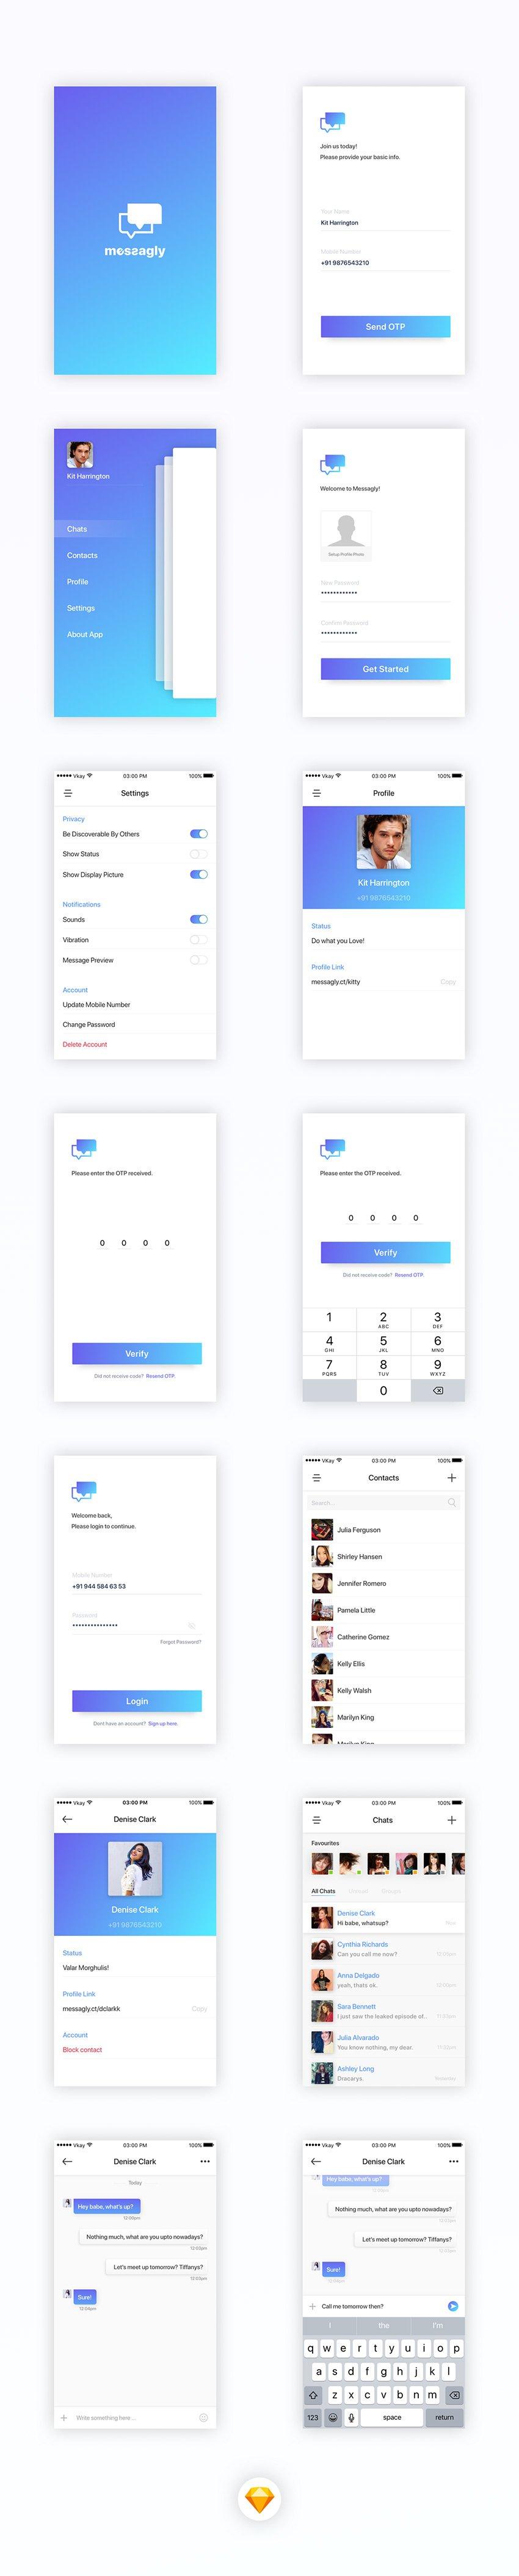 Messagly Free App Design UI Kit for Sketchapp